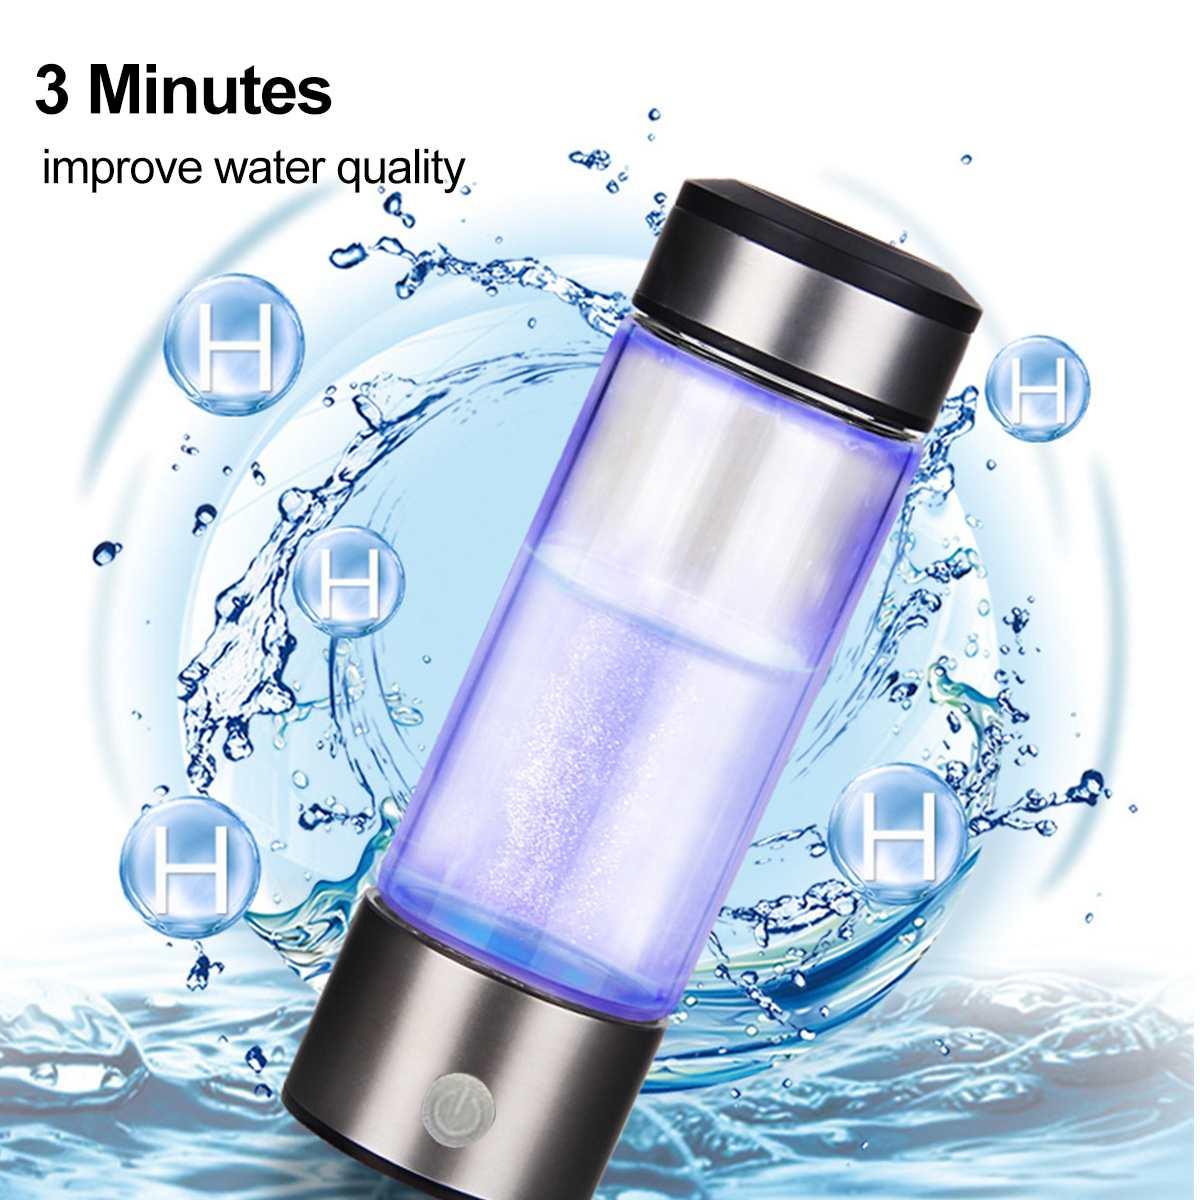 Hydrogen Generator Cup Water Filter 3mins 420ML Alkaline Maker Hydrogen-Rich Water Portable Bottle Lonizer Pure H2 SH5